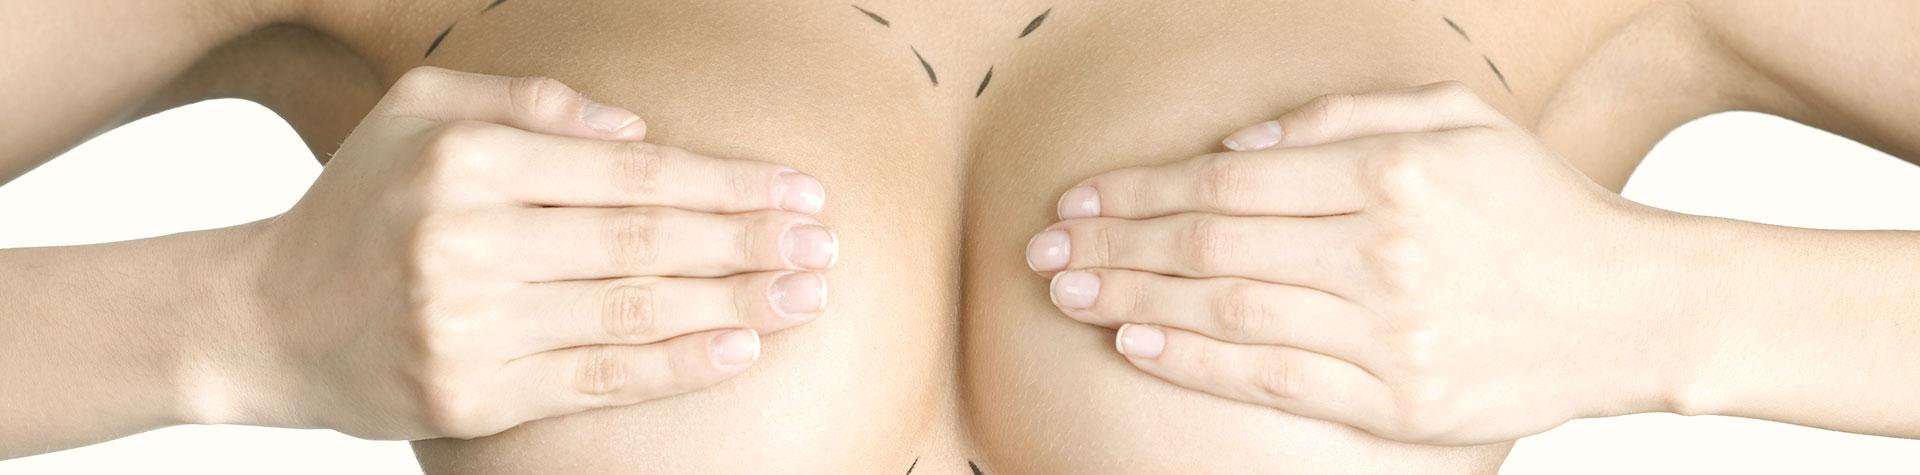 operace-prsa.jpg